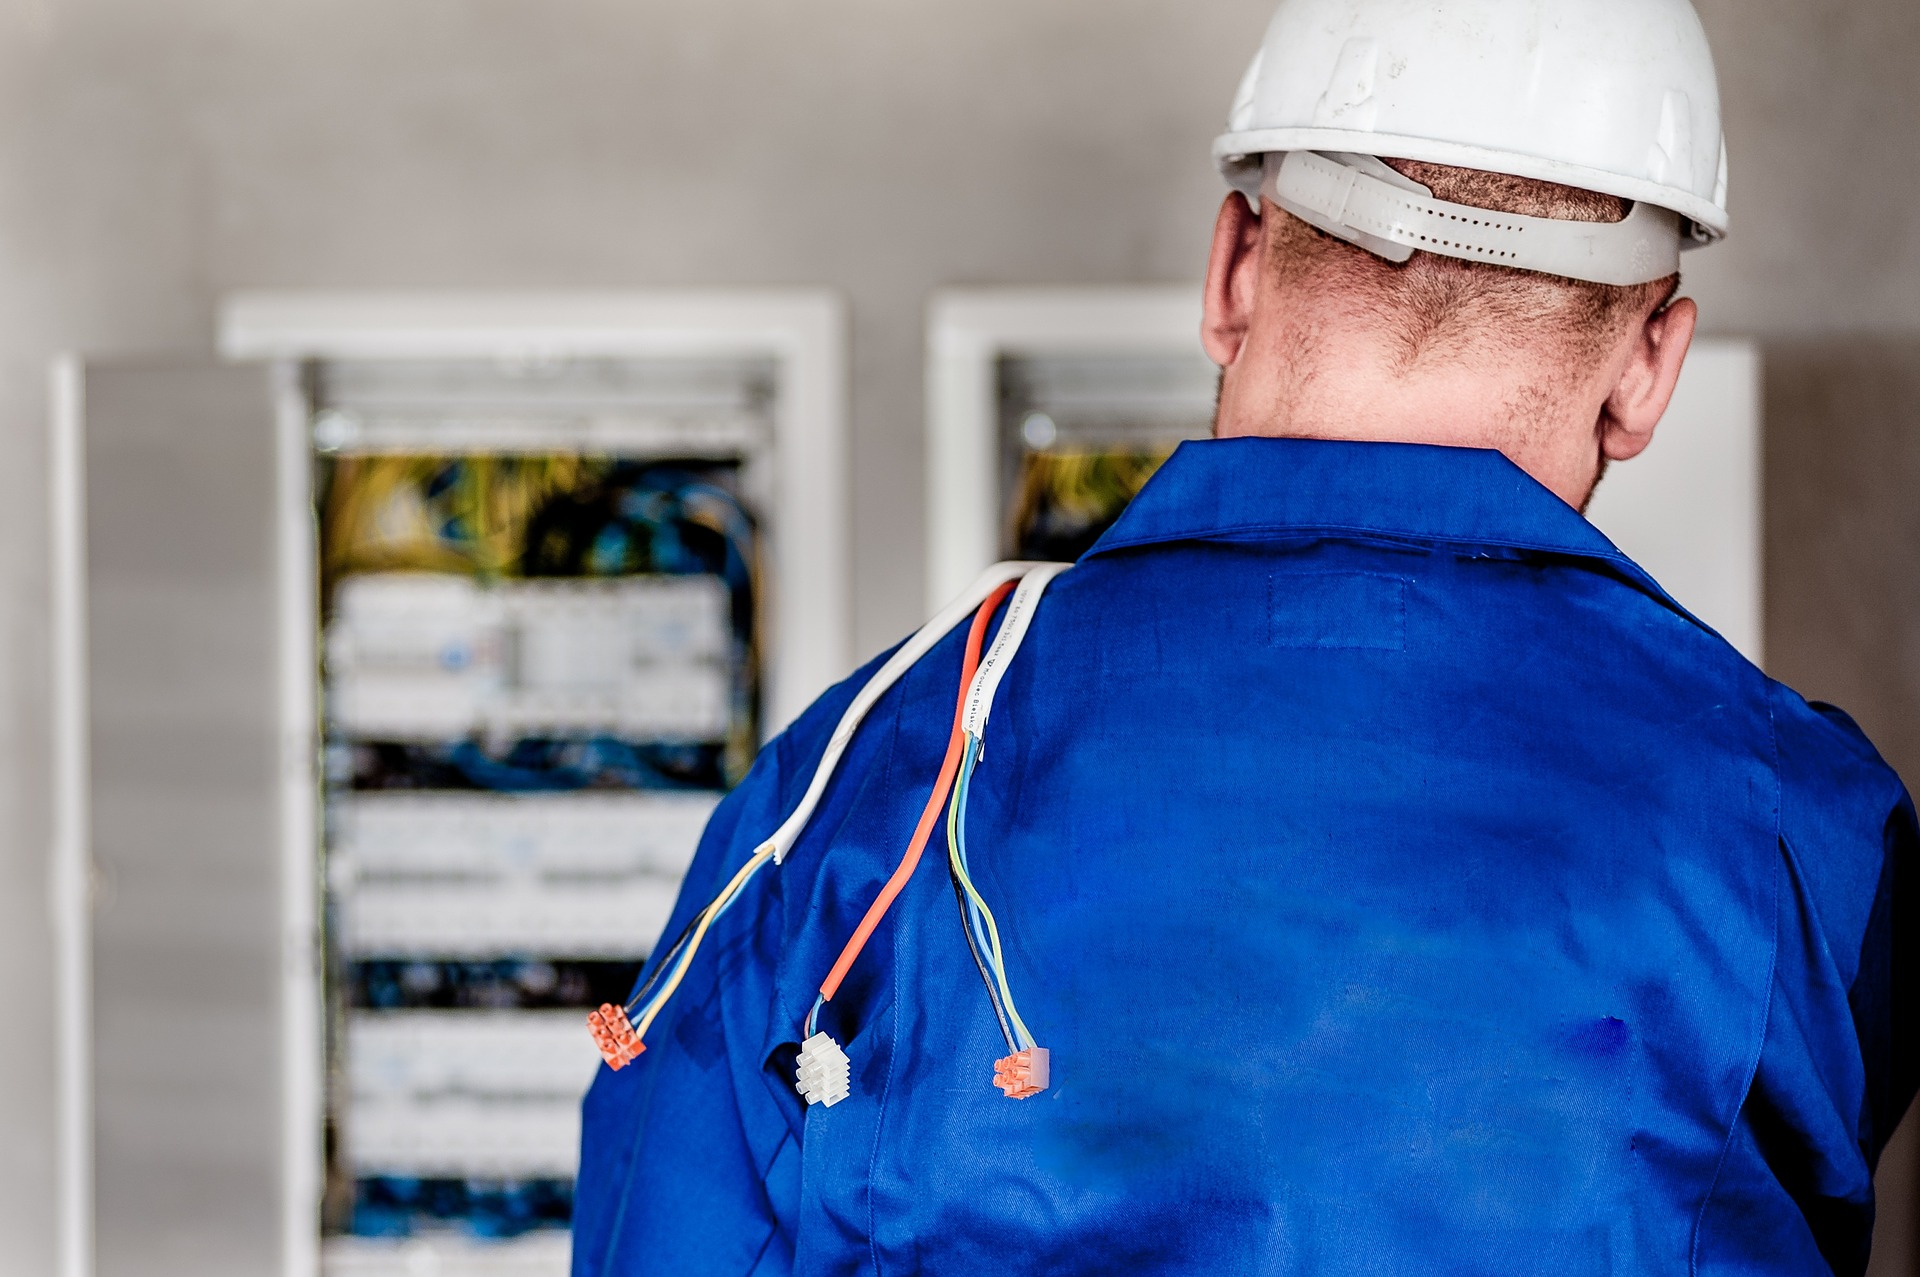 electricien maintenance tableau travaux